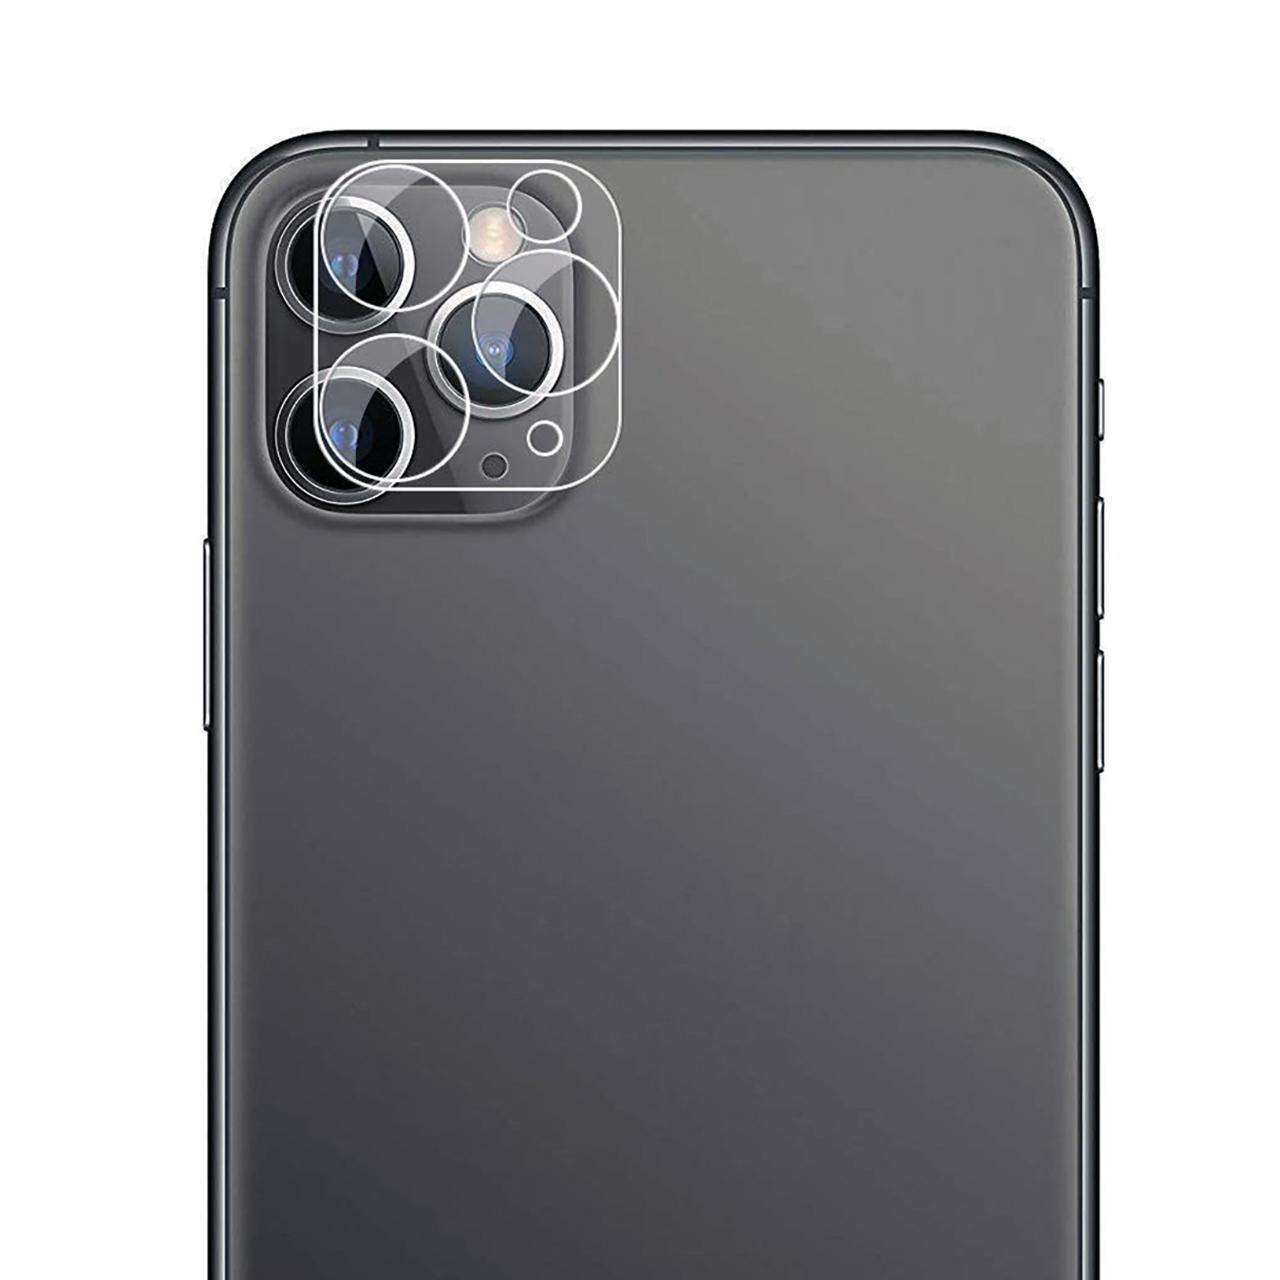 بررسی و {خرید با تخفیف} محافظ لنز دوربین مدل TC-11 مناسب برای گوشی موبایل اپل iPhone 11 Pro max اصل